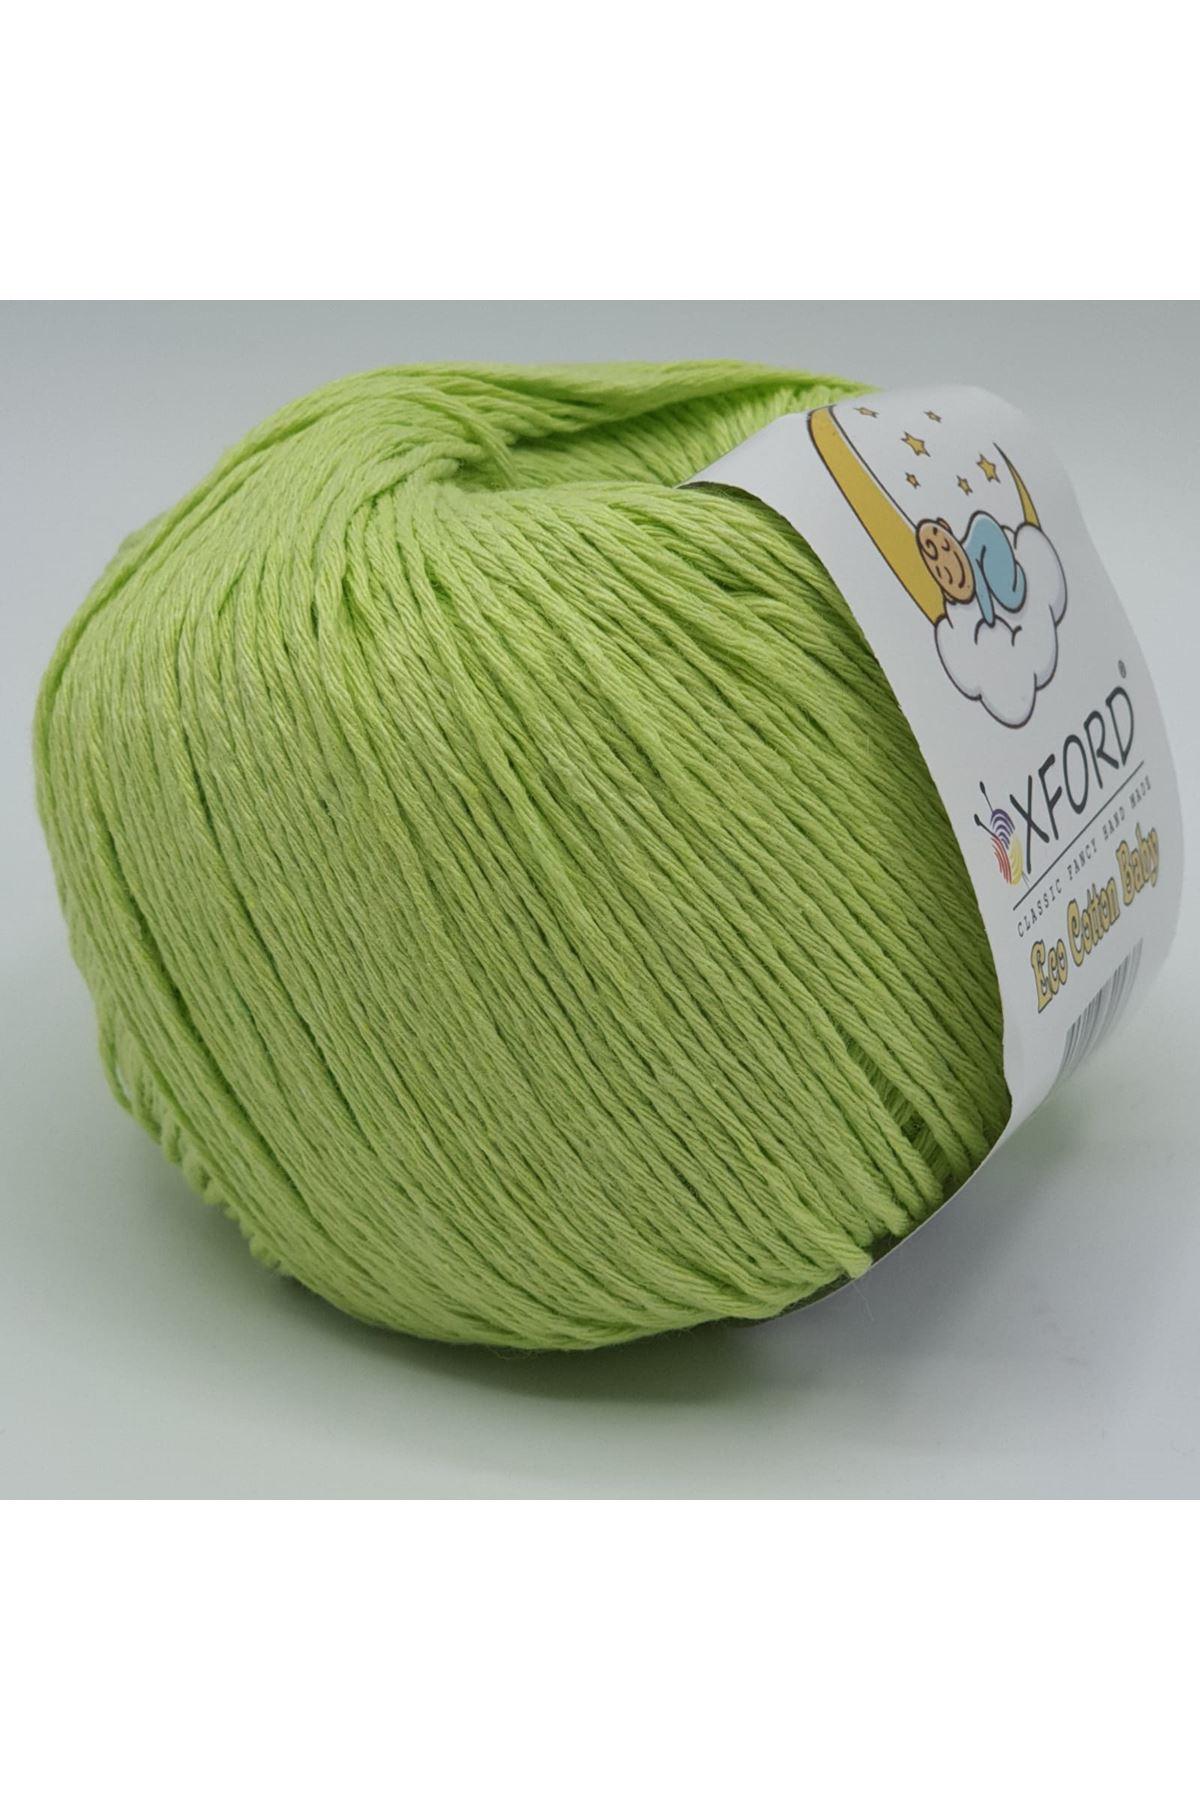 Eco Cotton Baby - 160 Misket